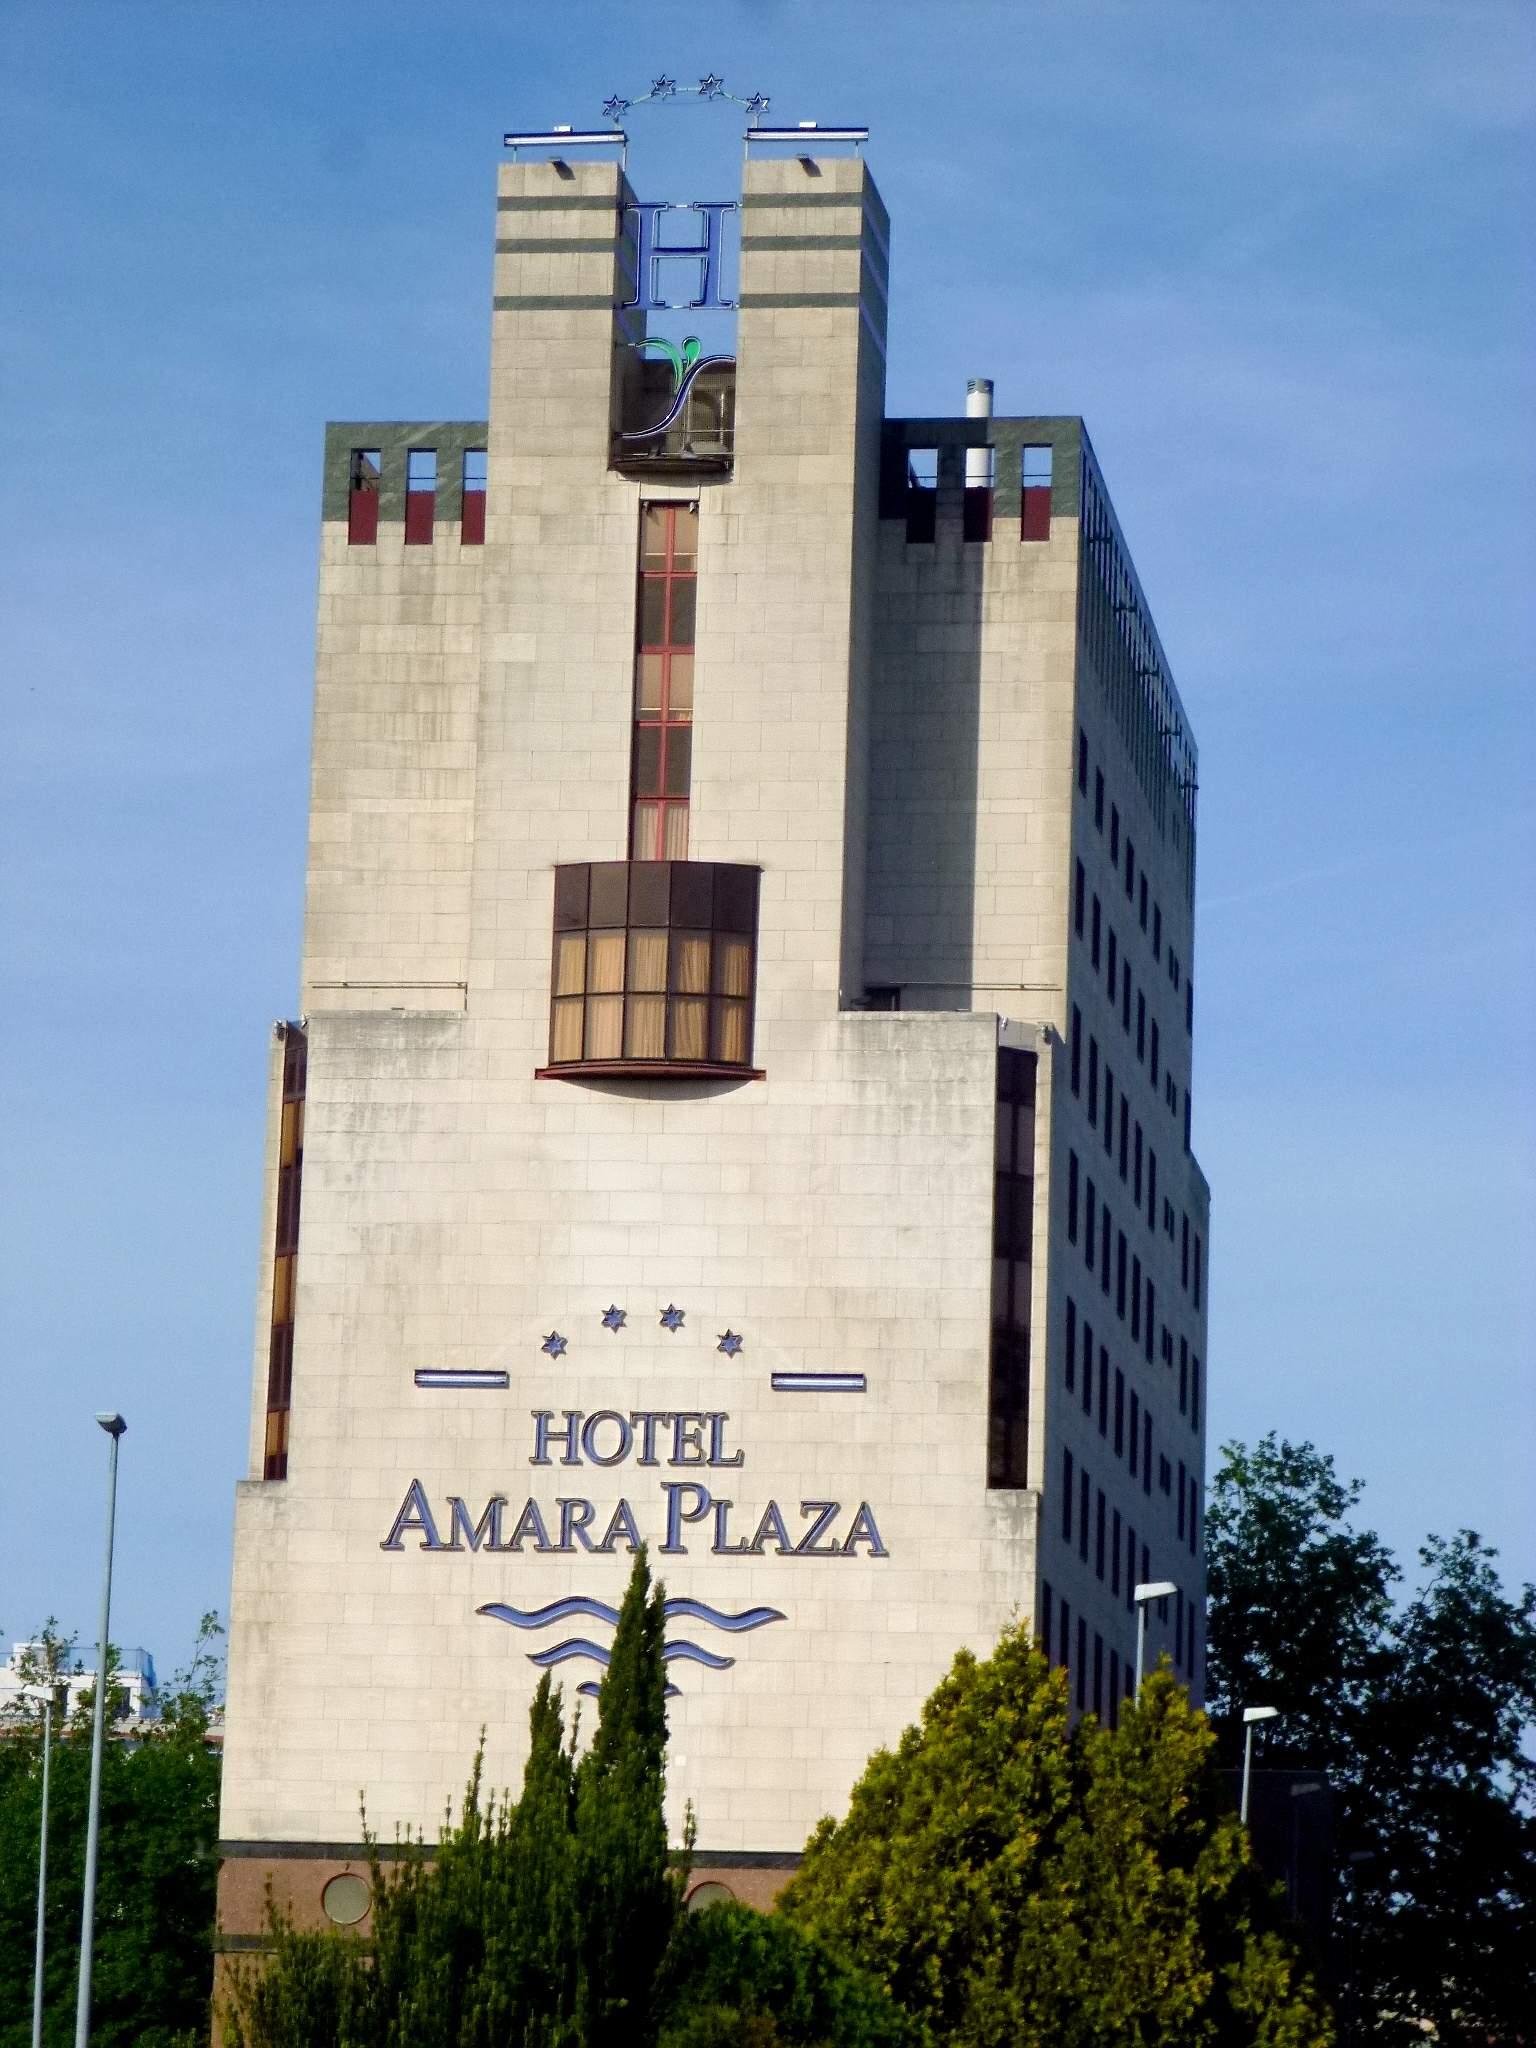 File:San Sebastián - Hotel Silken Amara Plaza 1.jpg - Wikimedia Commons